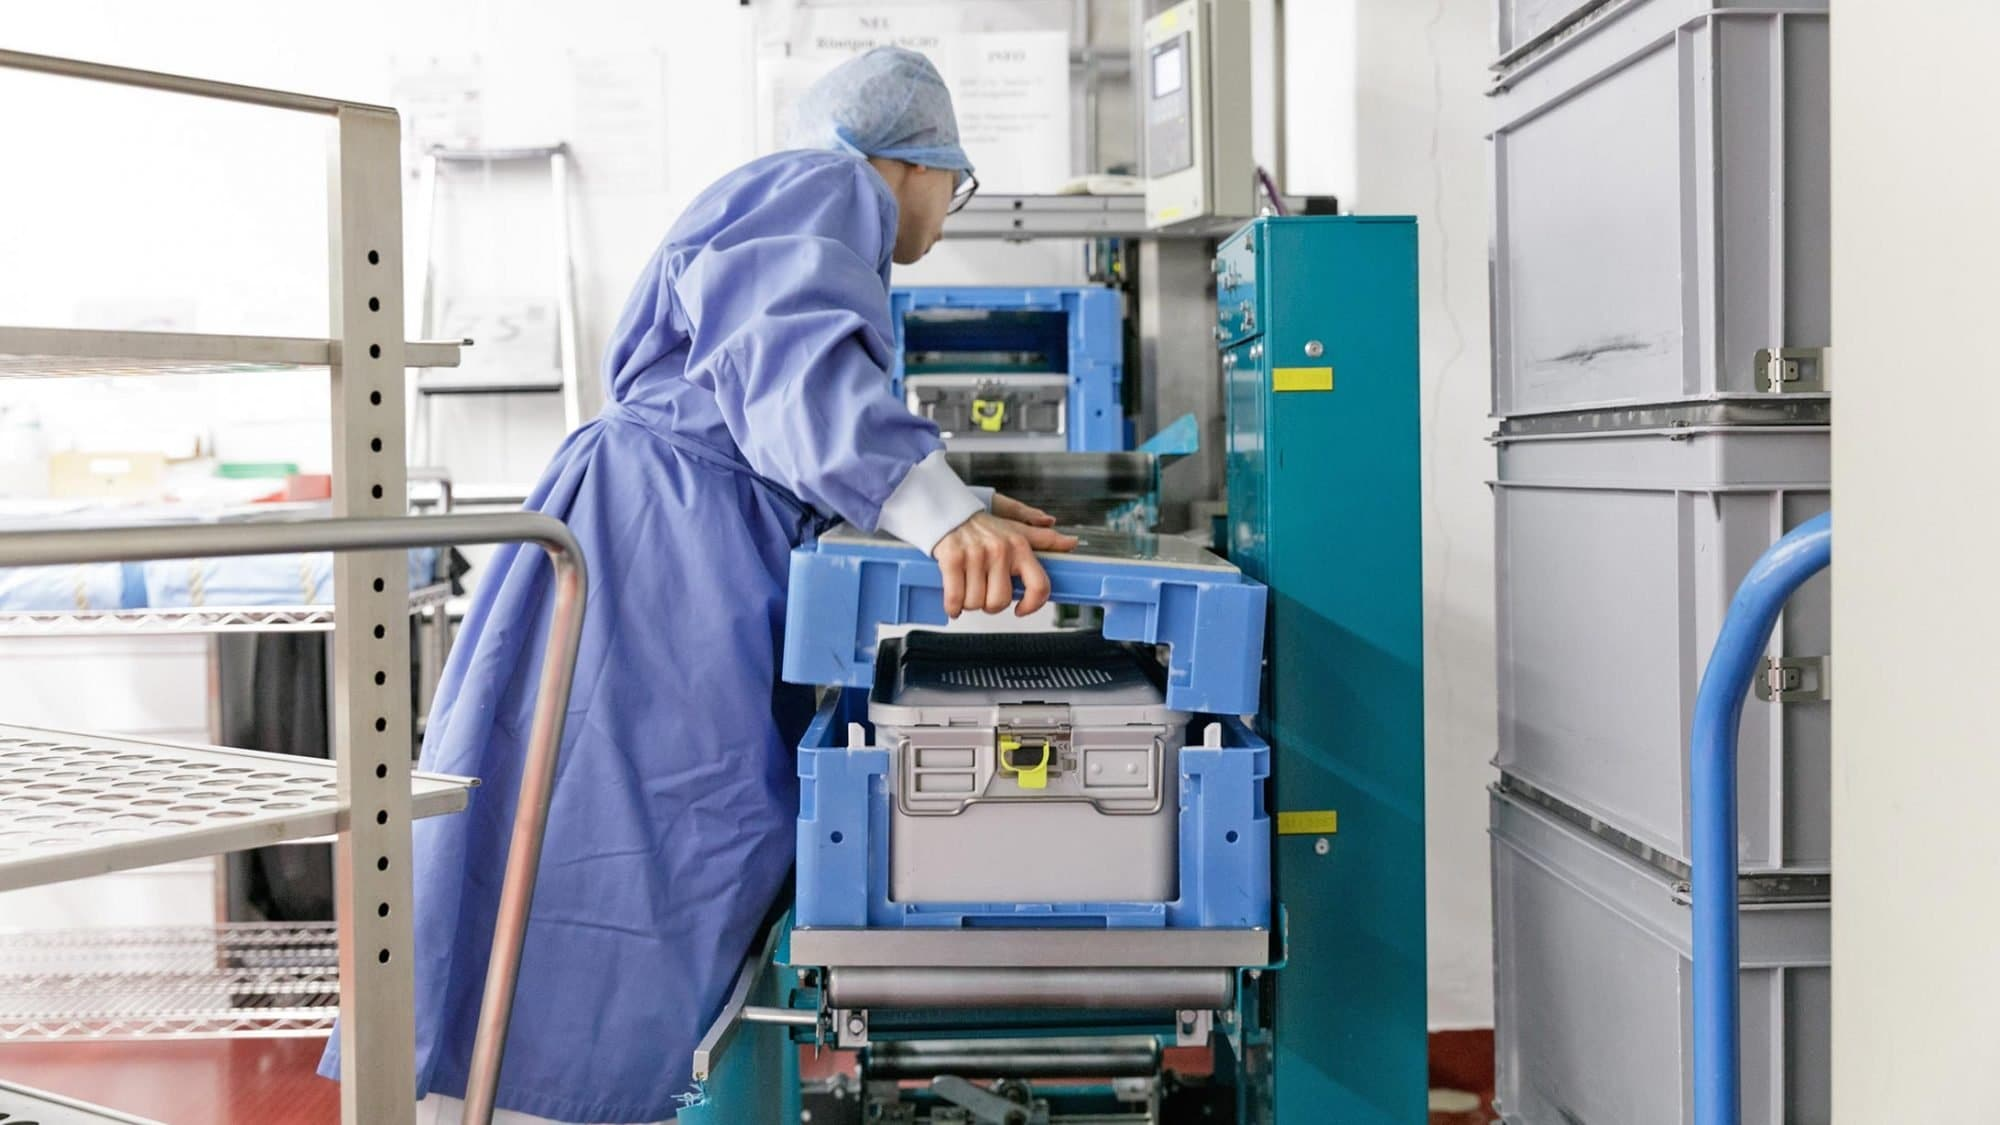 Die Sterilisationsassistentin speist die sterilen Instrumente wieder in das interne Transportsystem.